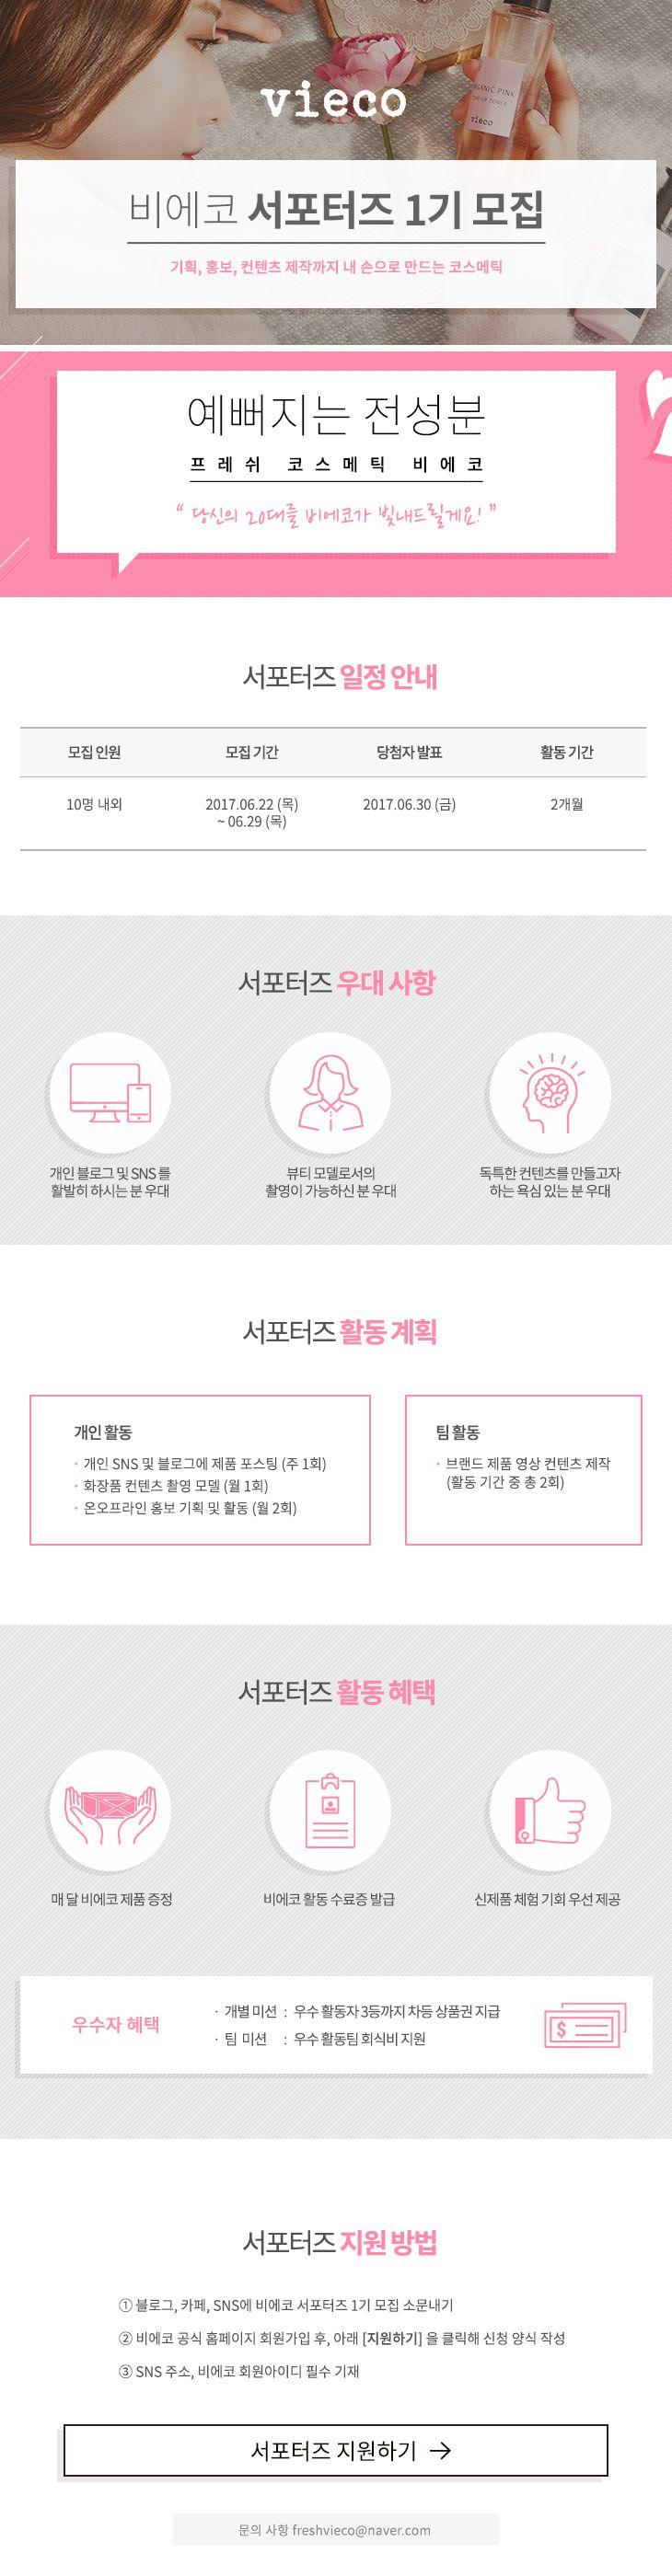 [비에코] 천연화장품 뷰티 서포터즈 1기 모집